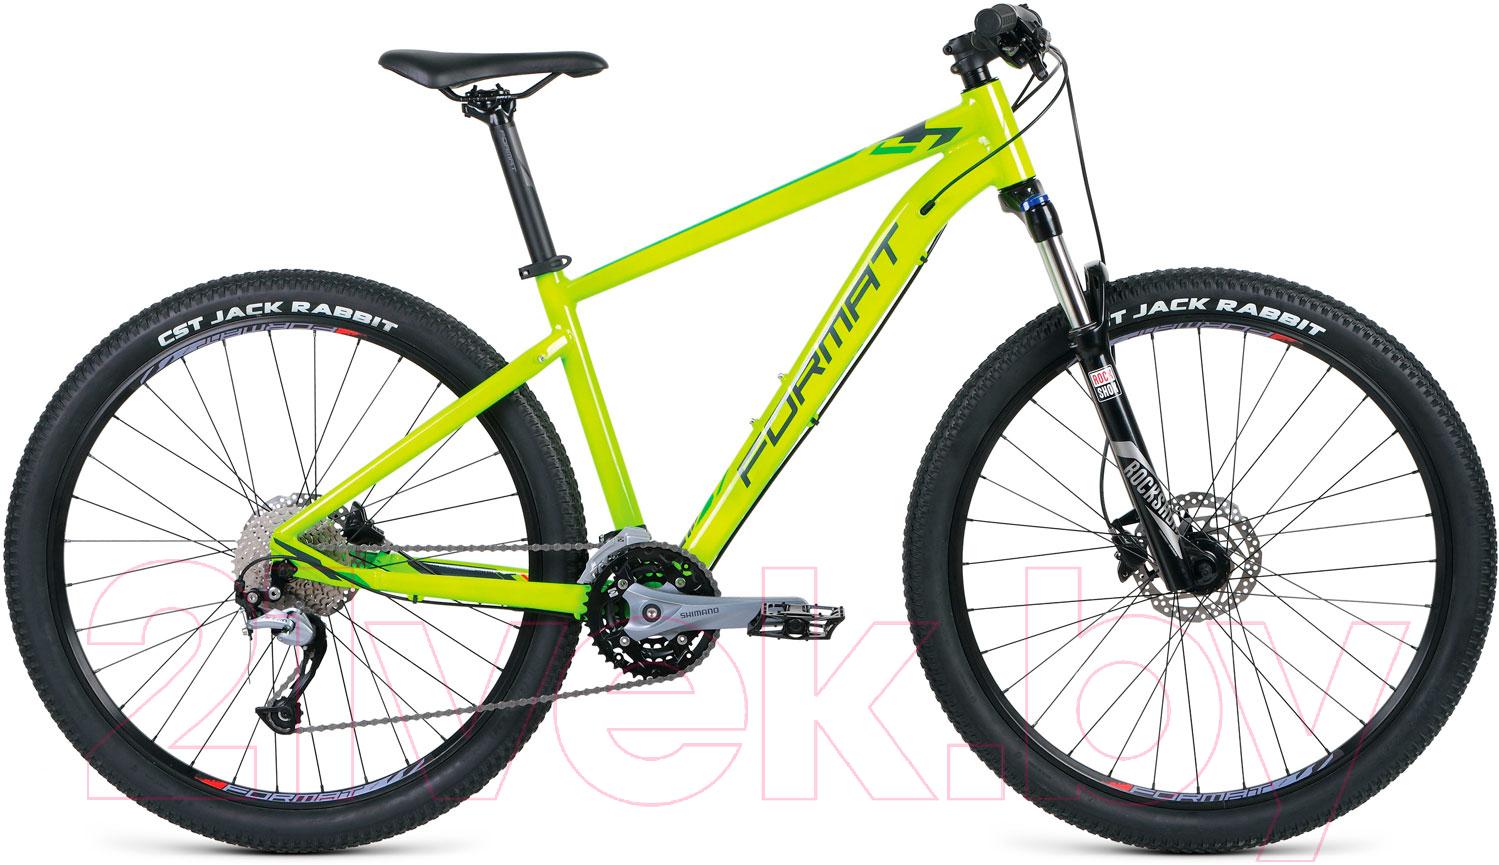 Купить Велосипед Format, 1411 27.5 2018-2019 / RBKM9M67S005 (S, желтый), Россия